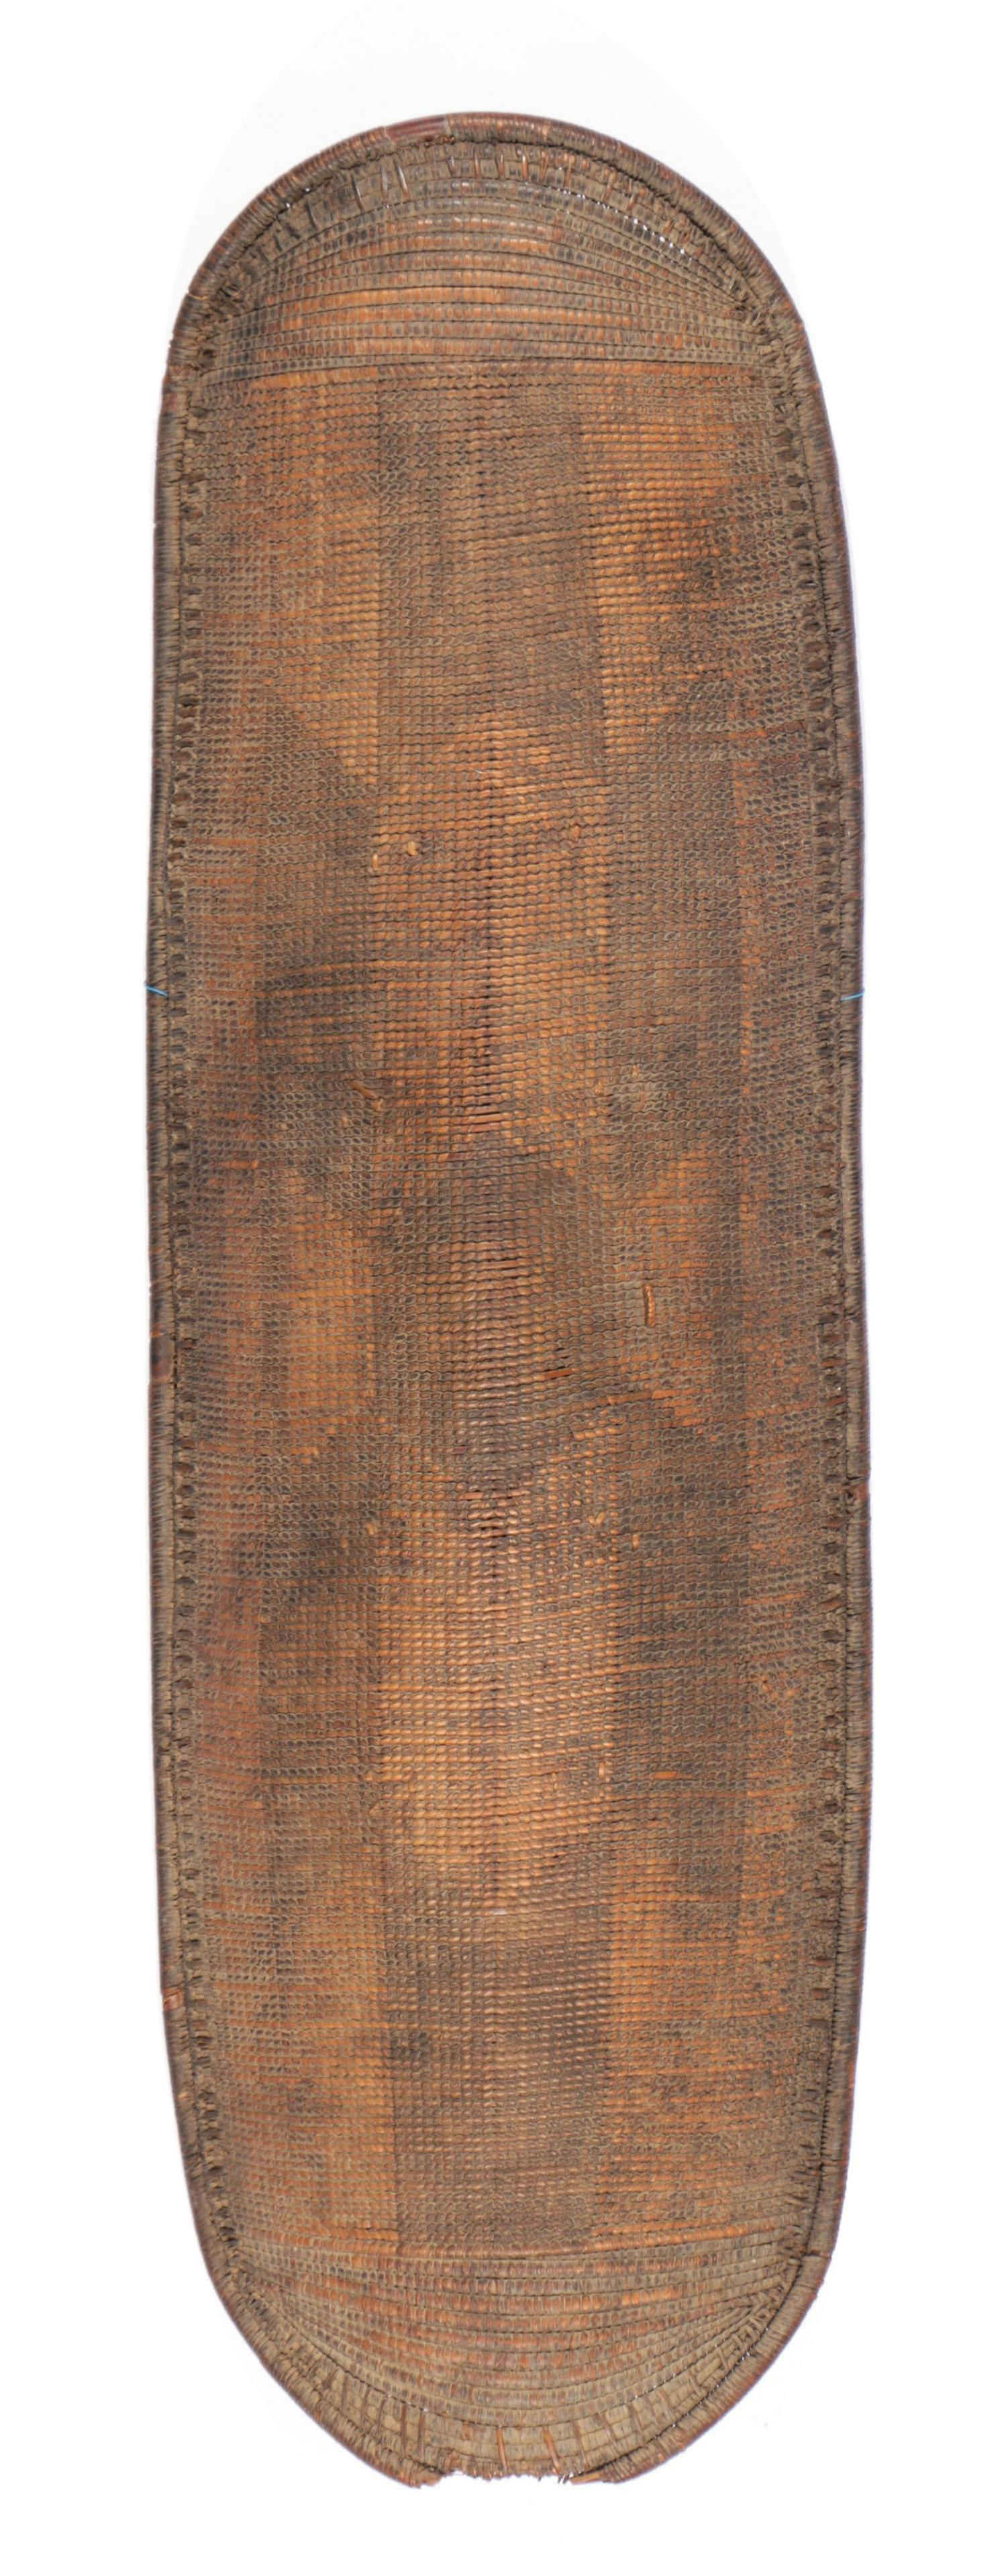 19th C. Wicker Shield, Congo